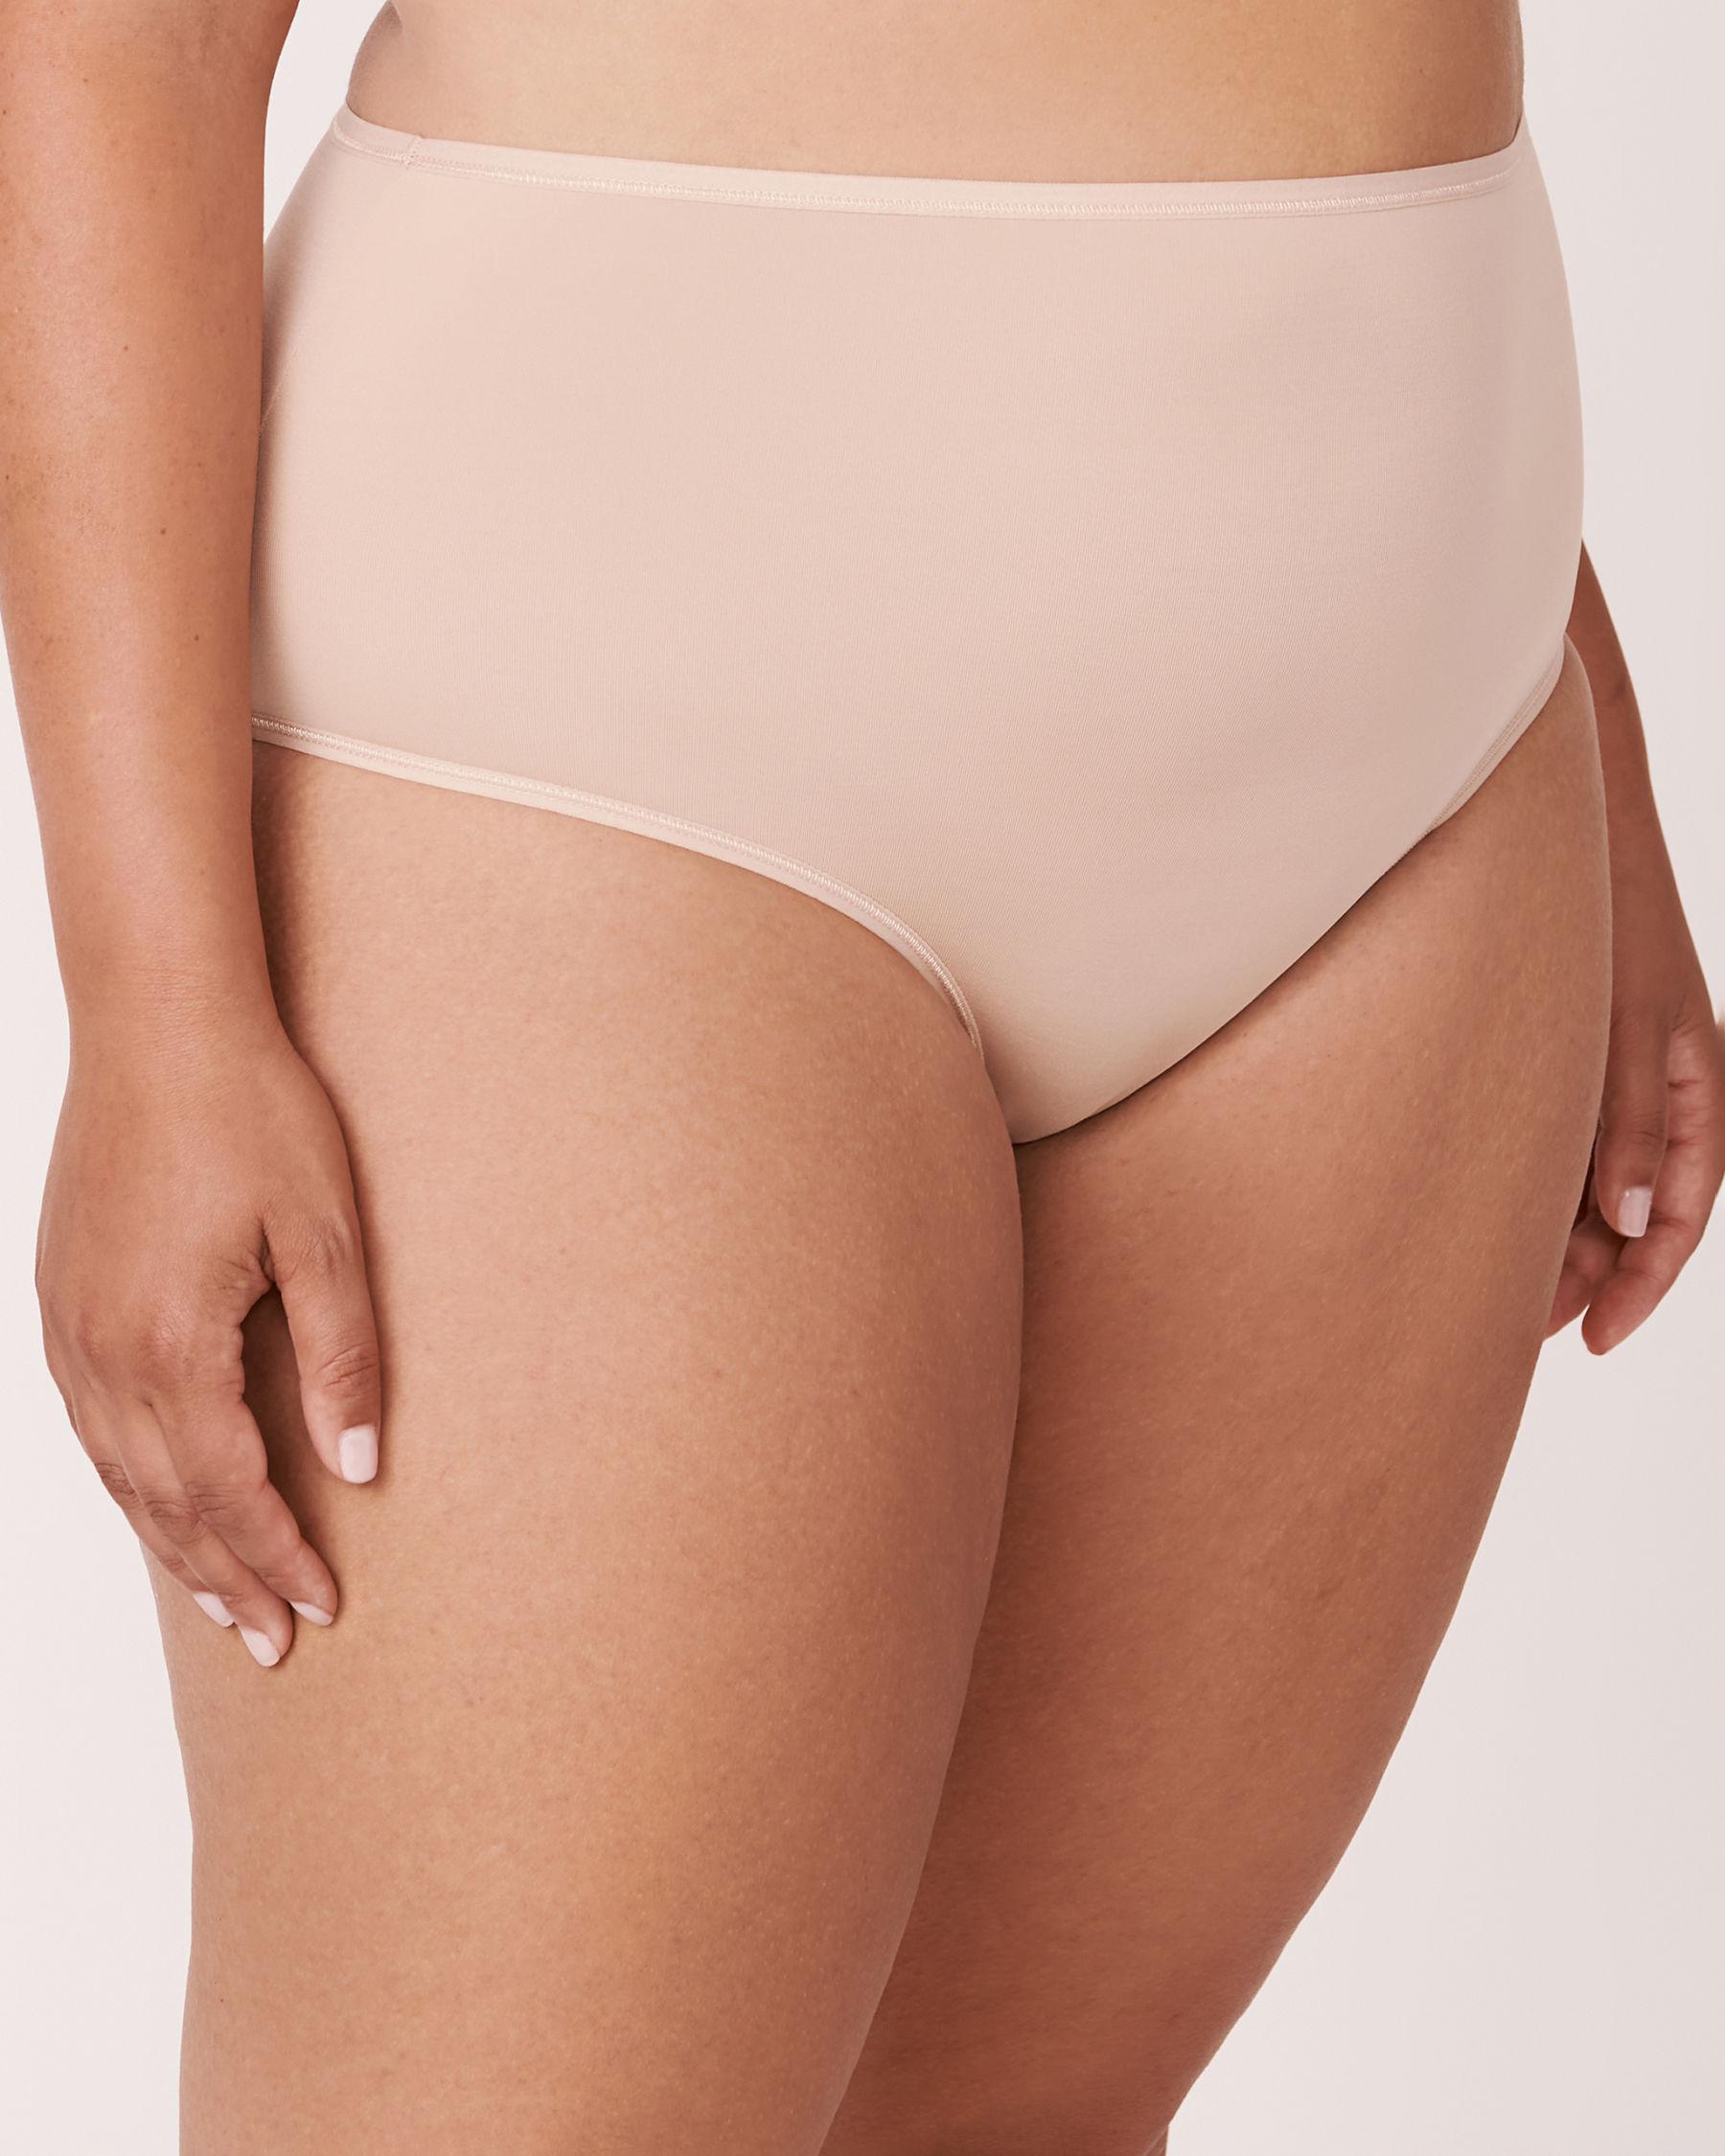 LA VIE EN ROSE Culotte bikini taille haute Neutre 169-122-1-00 - Voir4